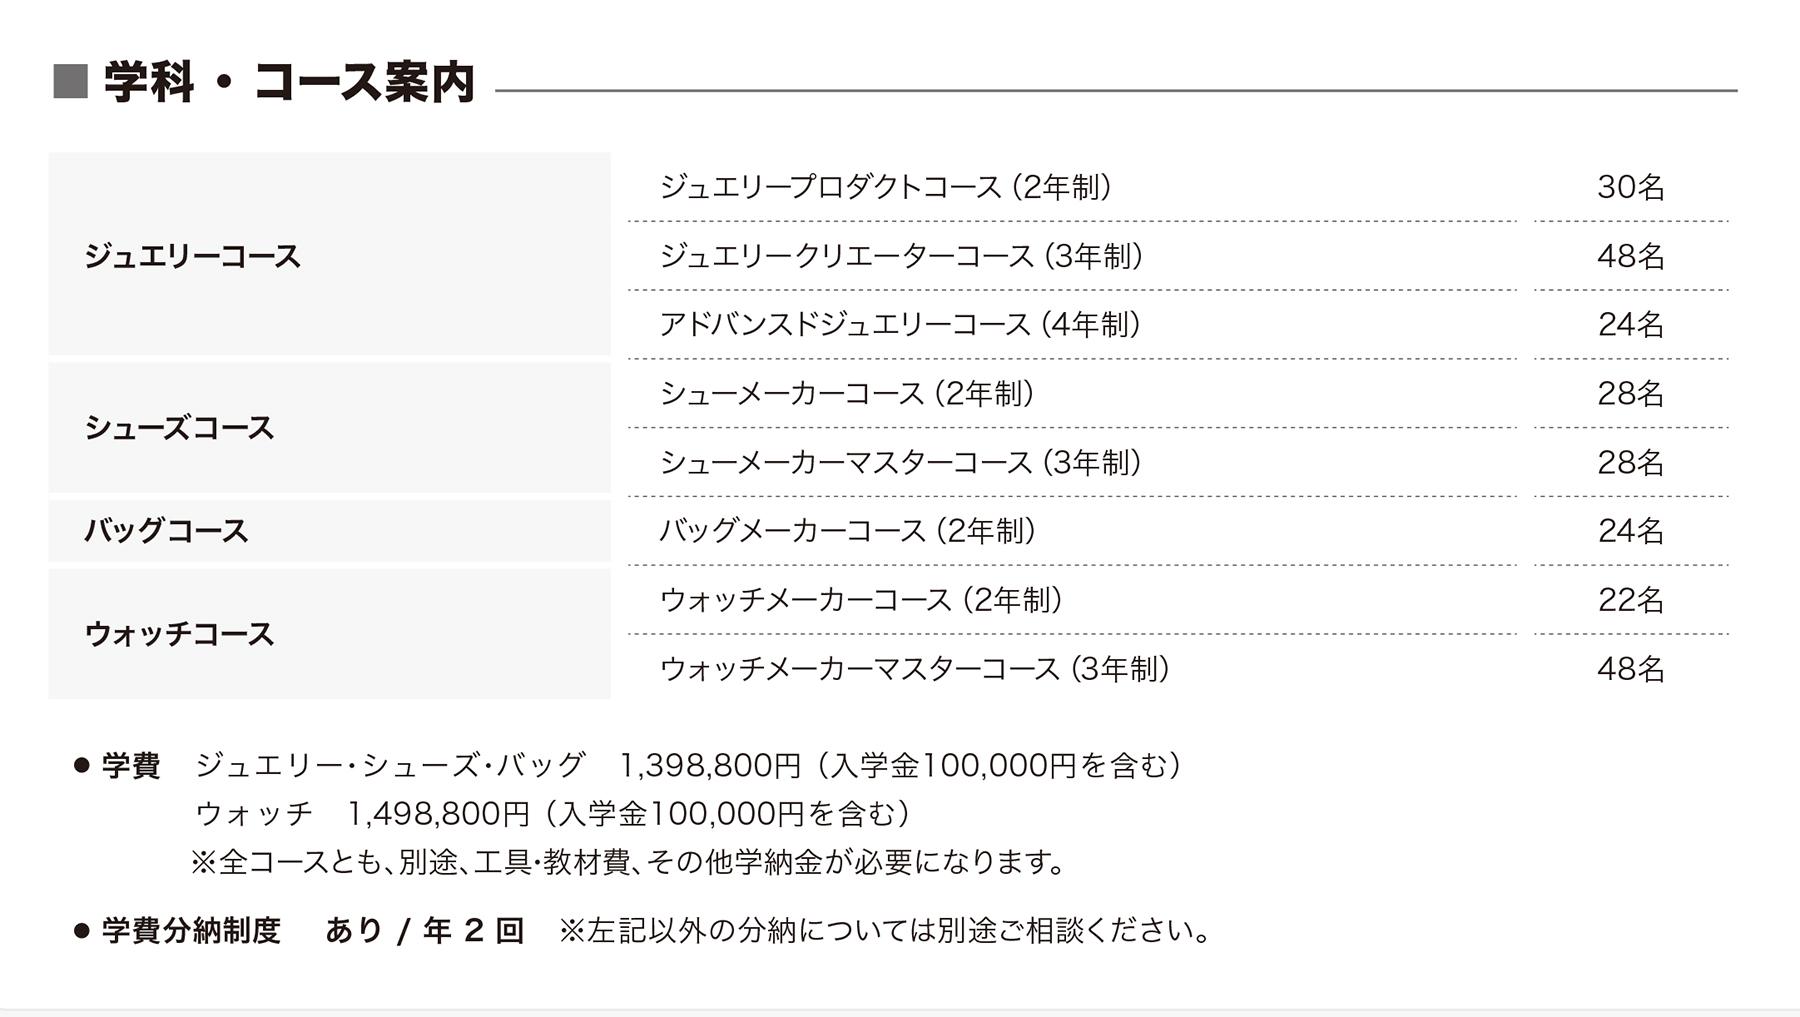 専門学校ヒコみづのジュエリーカレッジ01.jpg